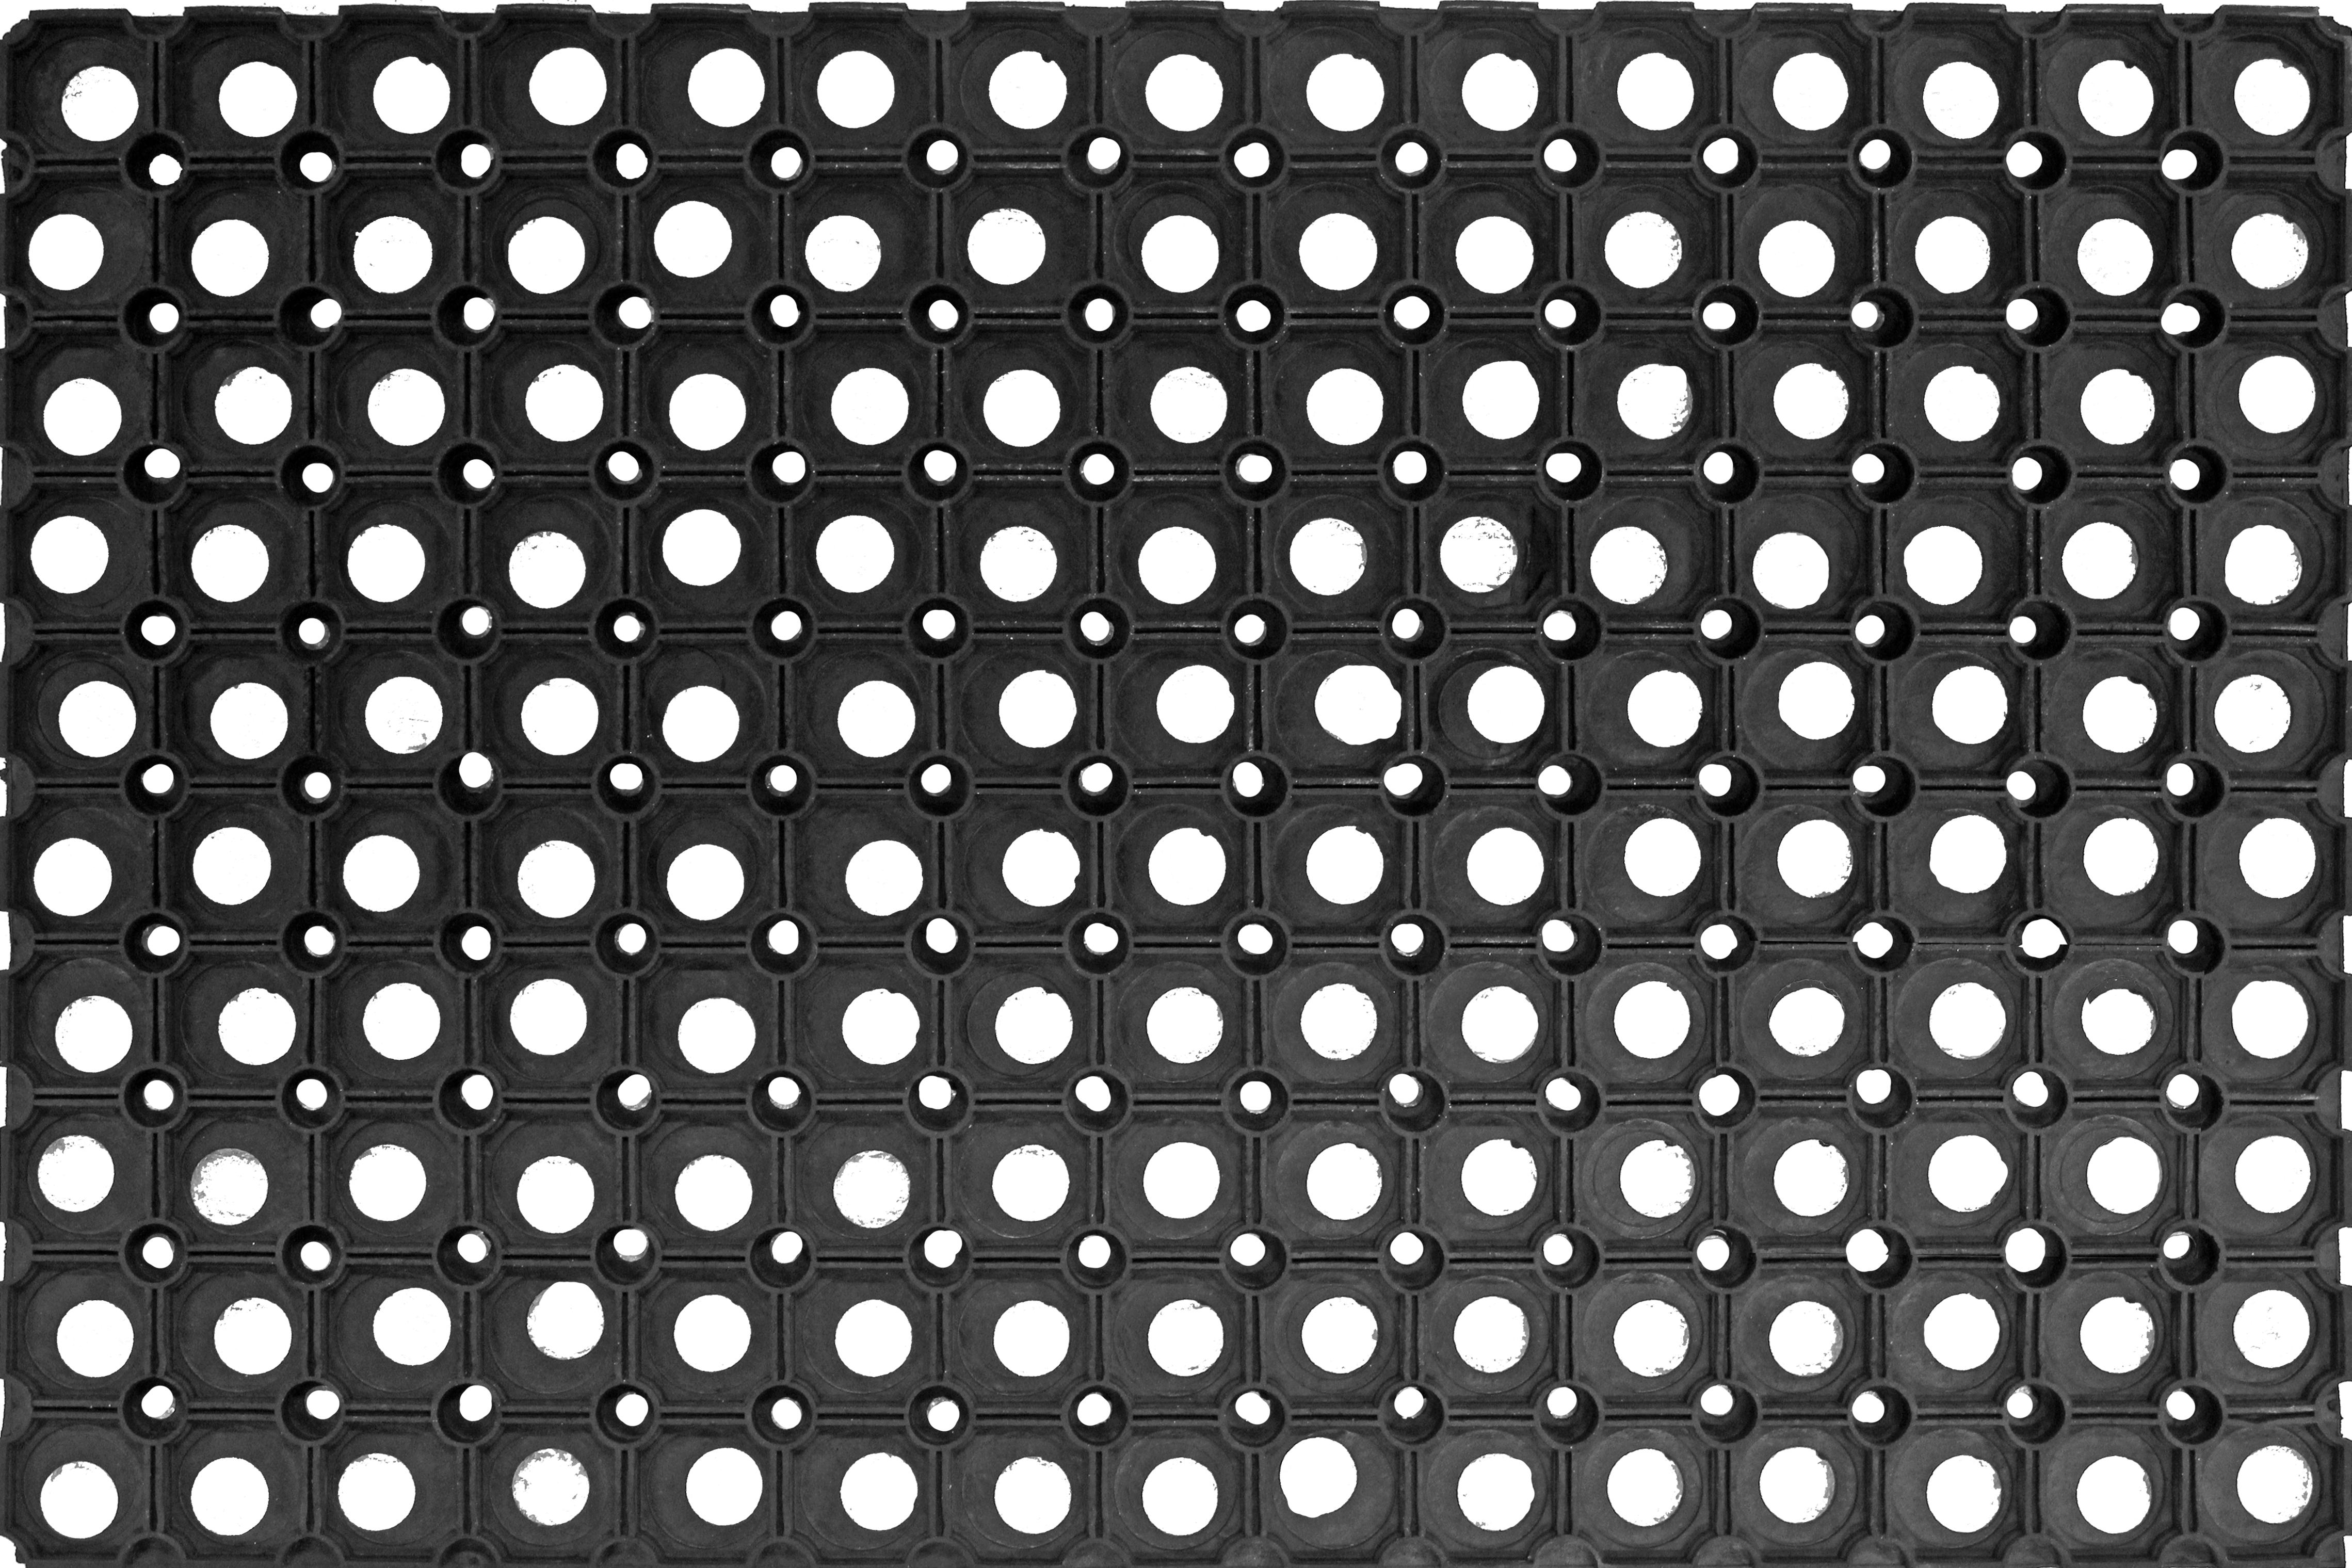 BESK Kajslaukis 40x60x1,6cm gumijas Kopšanas līdzekļi apaviem